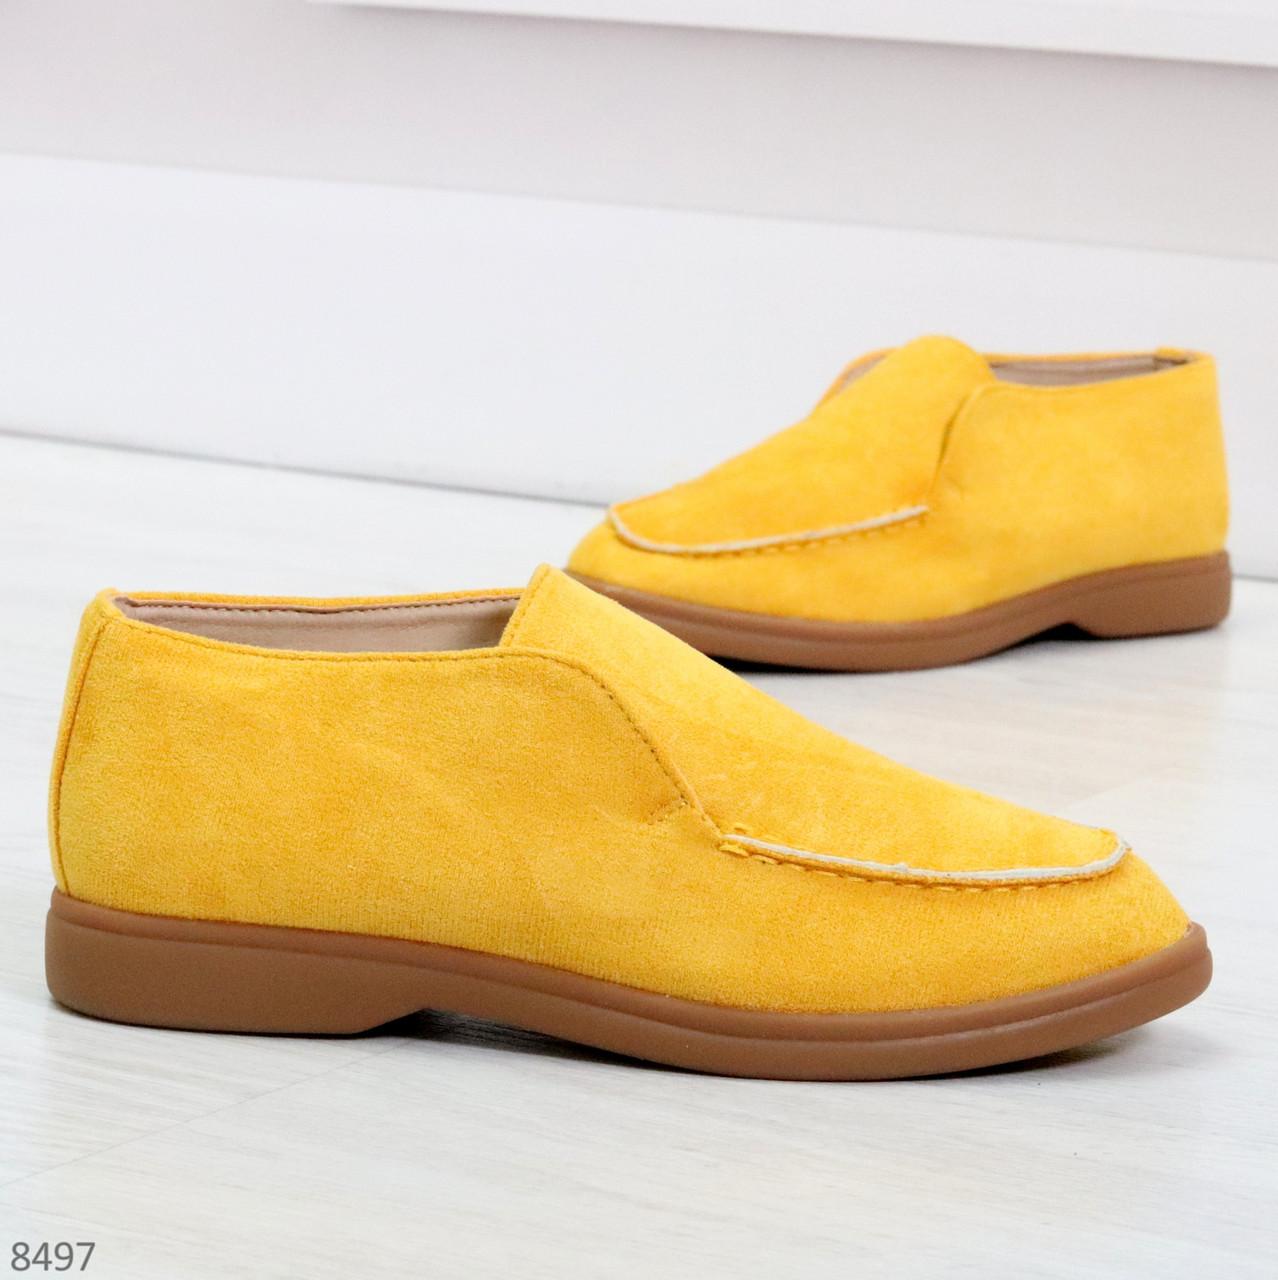 Удобные повседневные желтые женские замшевые черные туфли мокасины автоледи